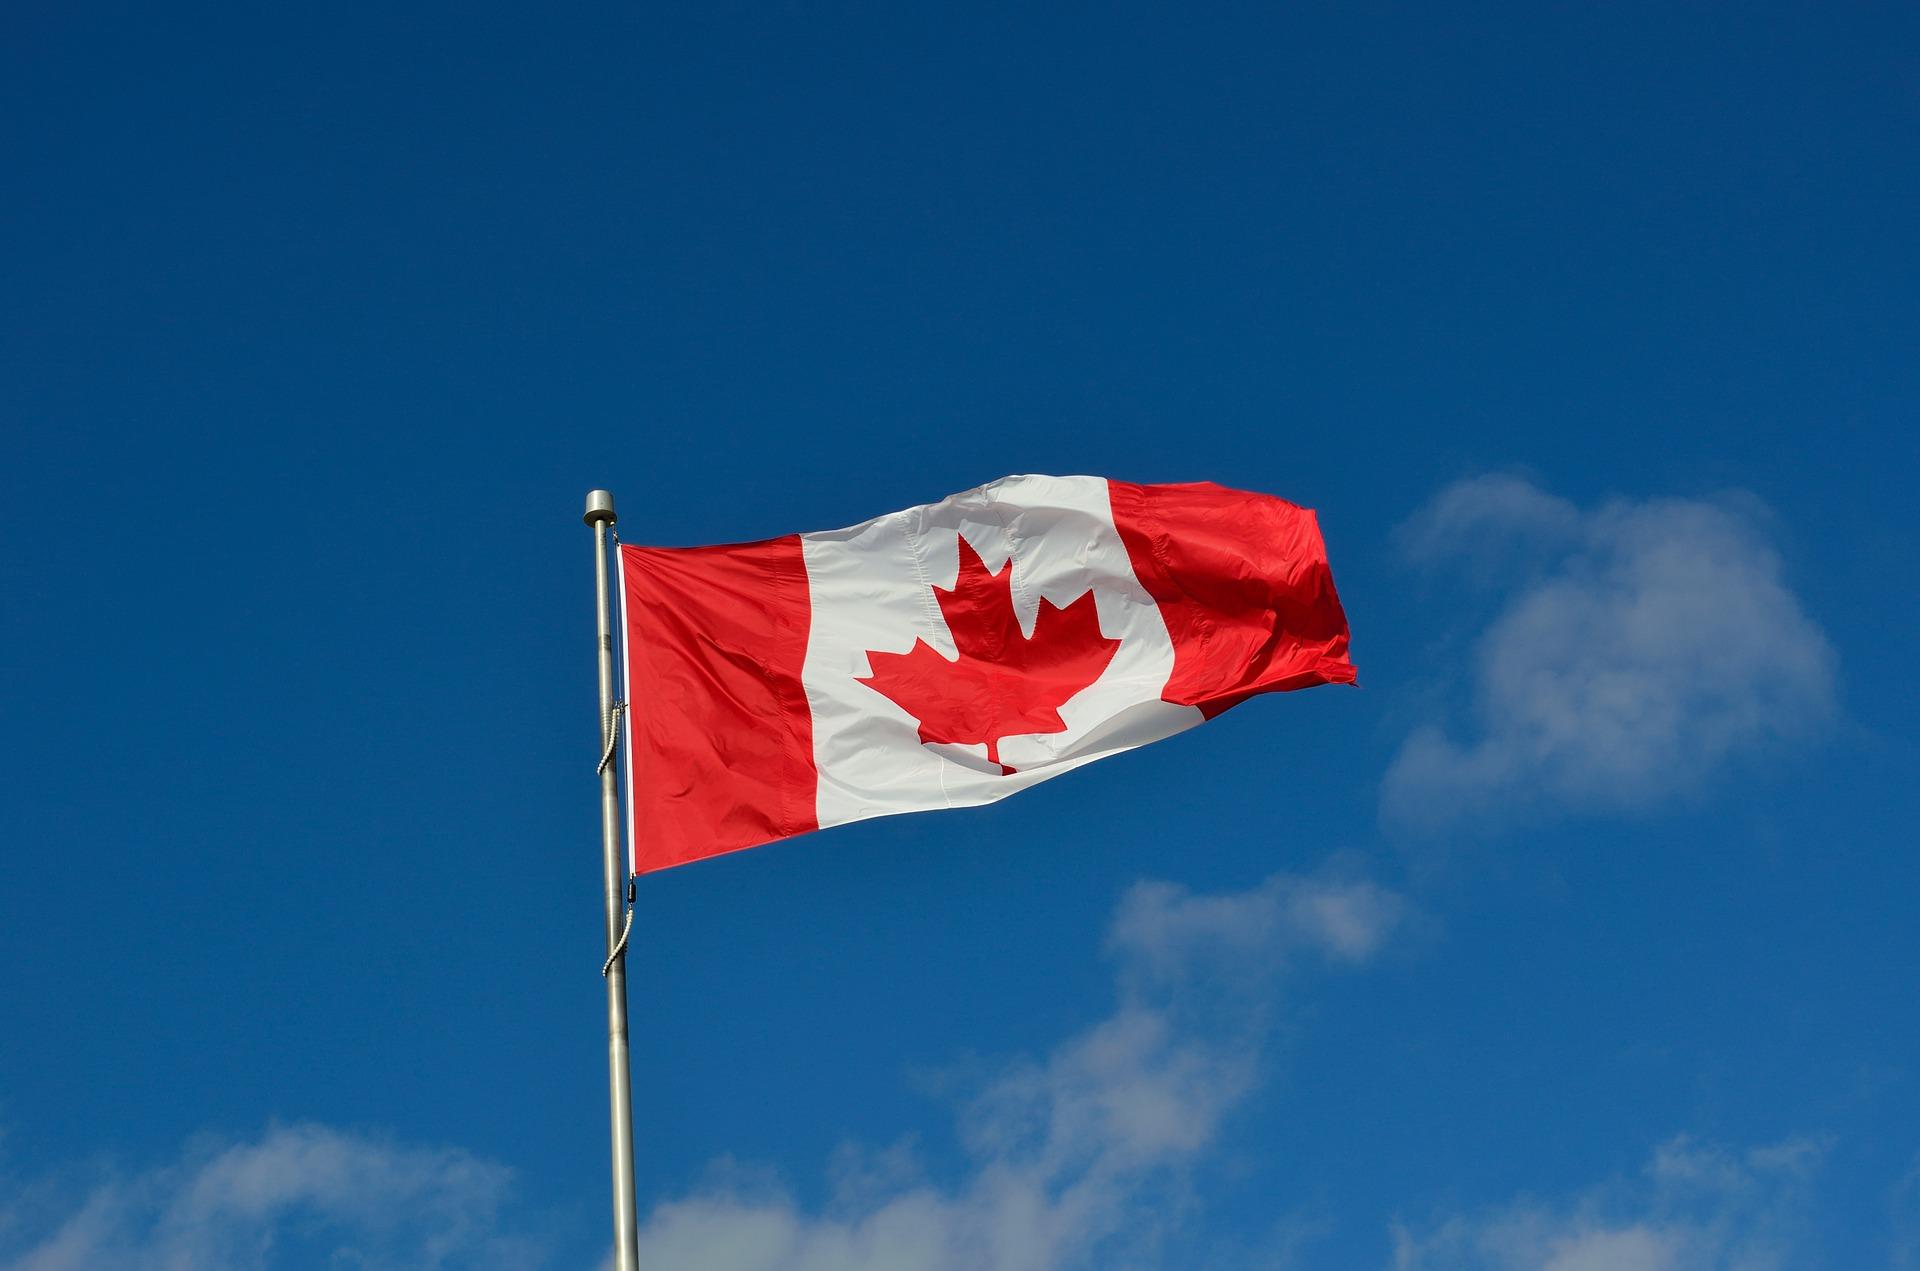 DALL'AUTORITA' PER LA PROTEZIONE DEI DATI DEL CANADA: La Pandemia Evidenzia La Necessità Di Leggi Rigorose Sulla Privacy